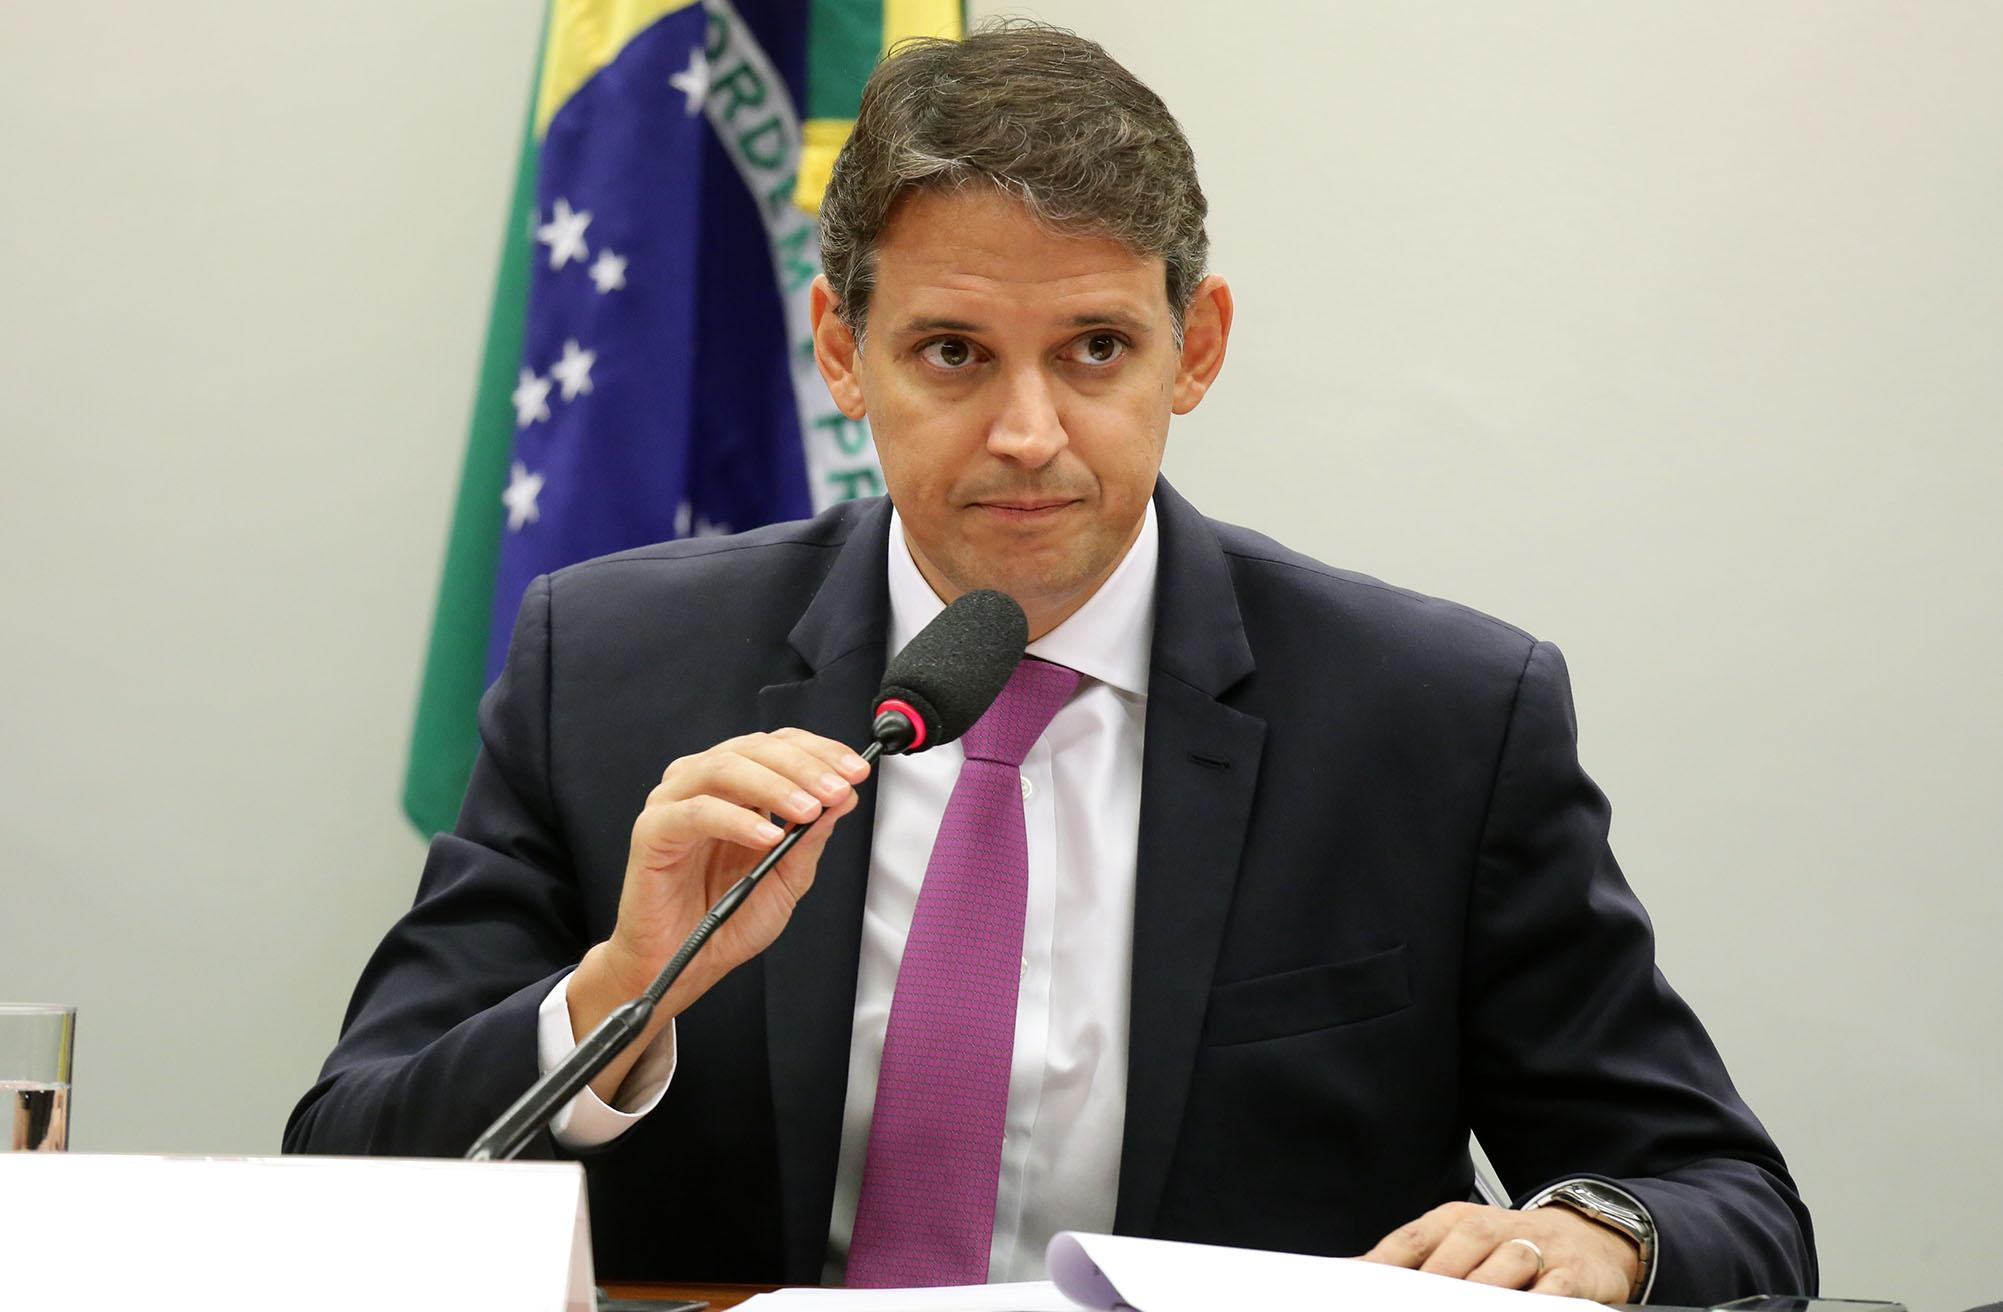 Instalação dos trabalhos e eleição dos Presidentes e Vice-Presidentes. Dep. Thiago Peixoto (PSD - GO)